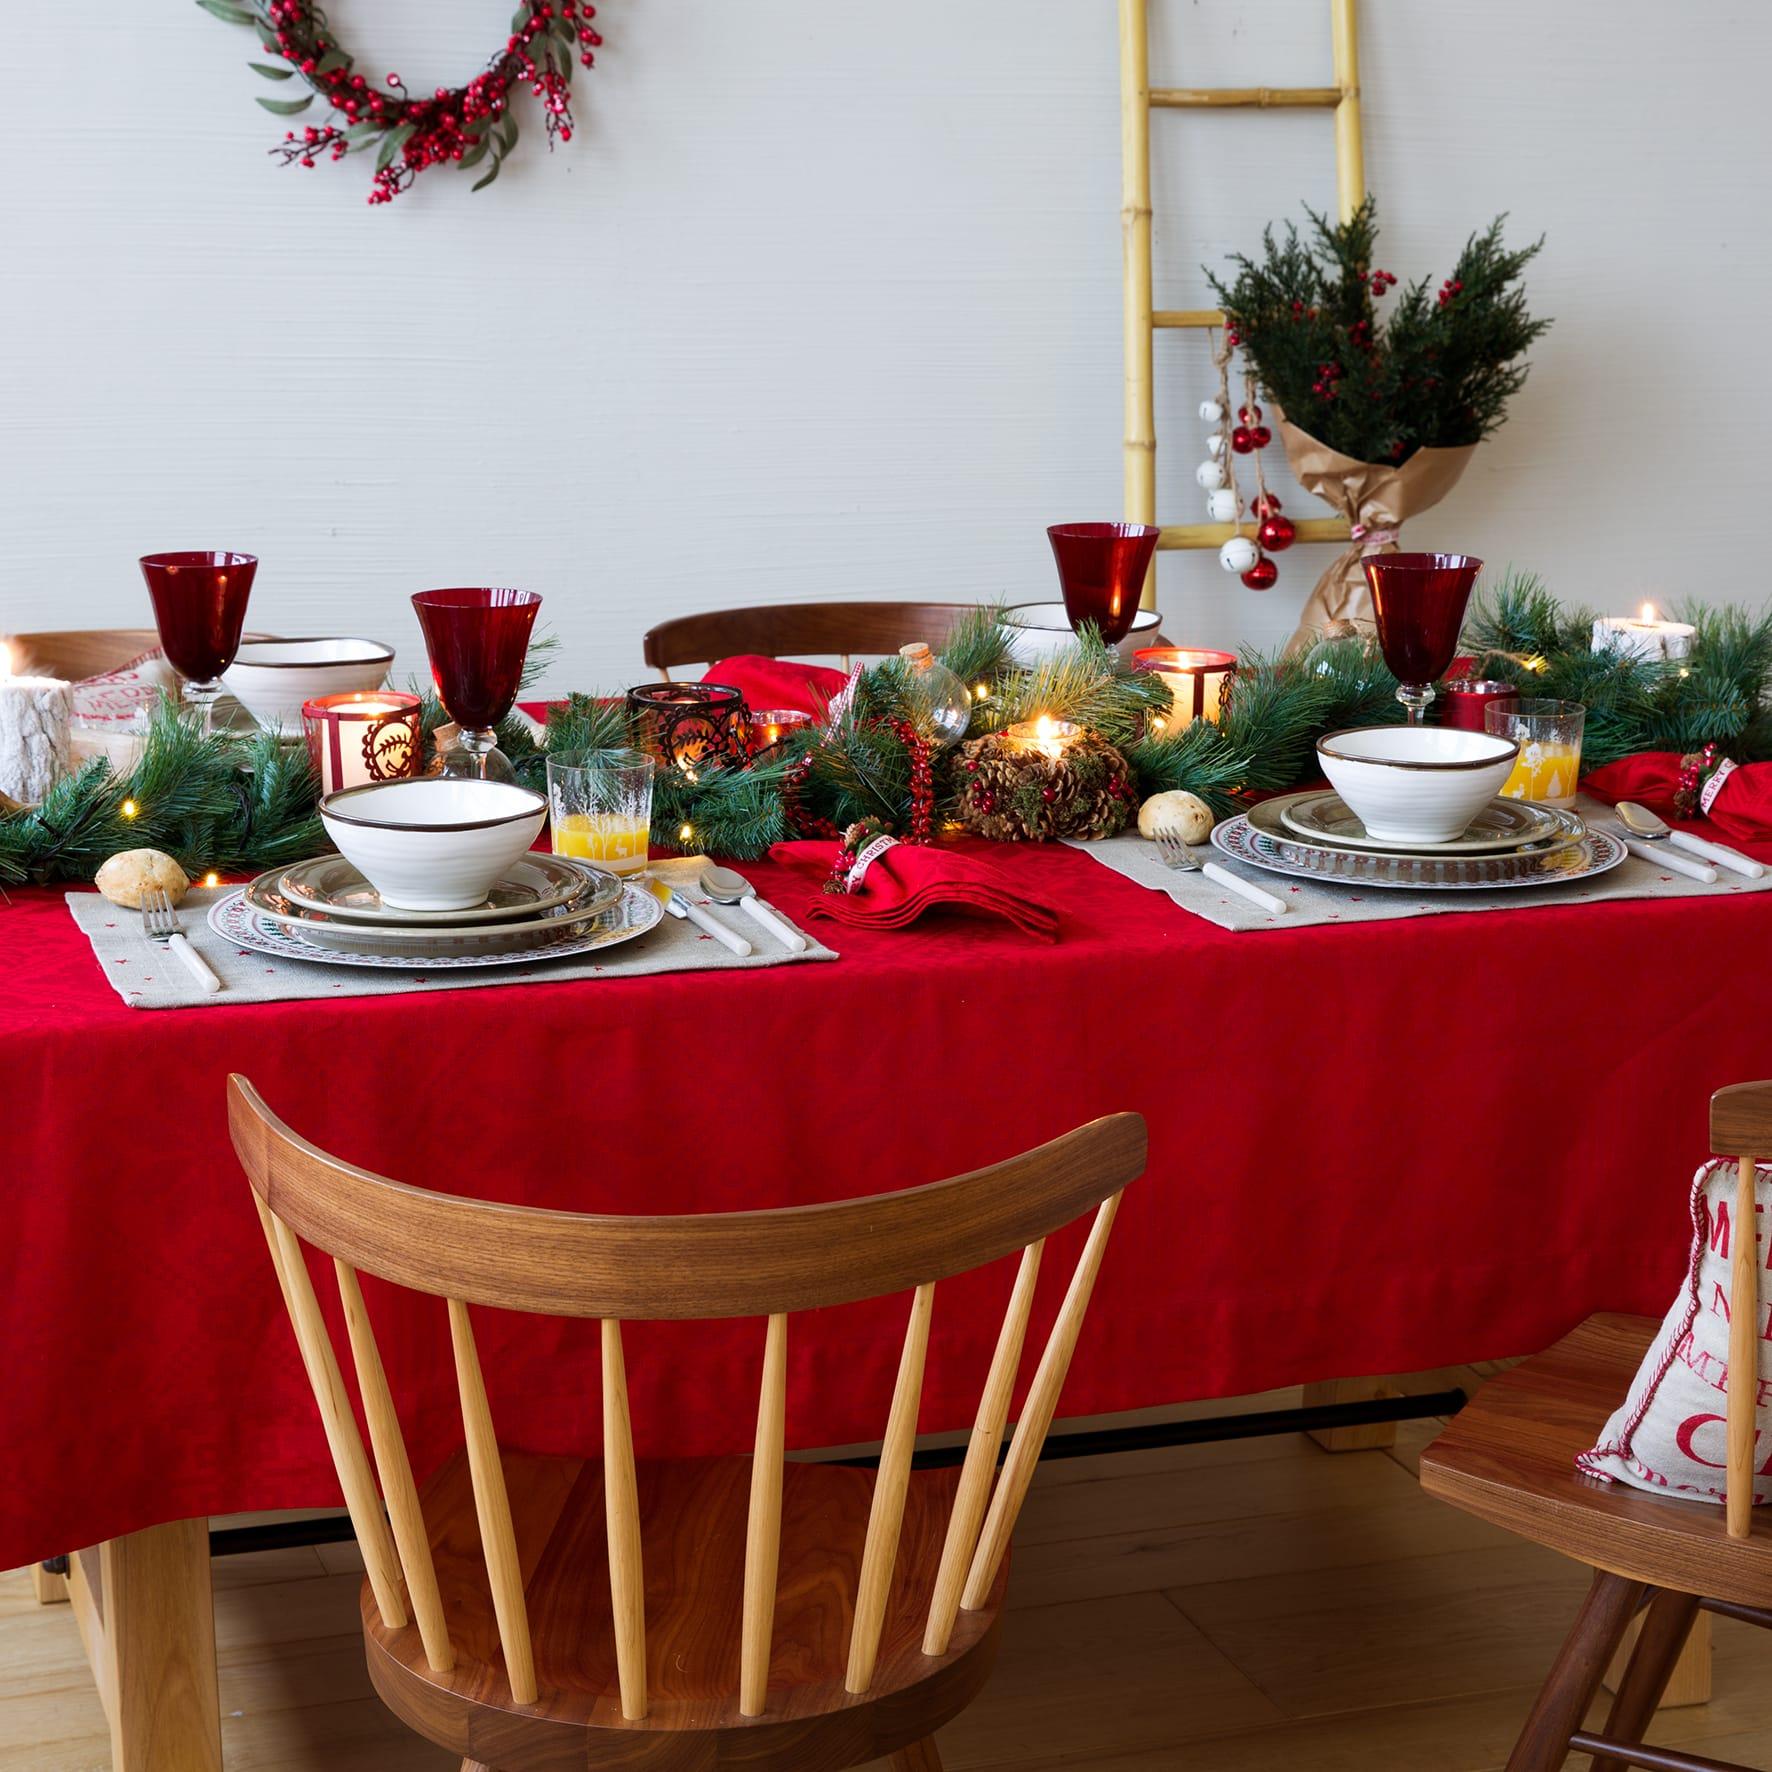 Tavola di Natale con tovaglia rossa